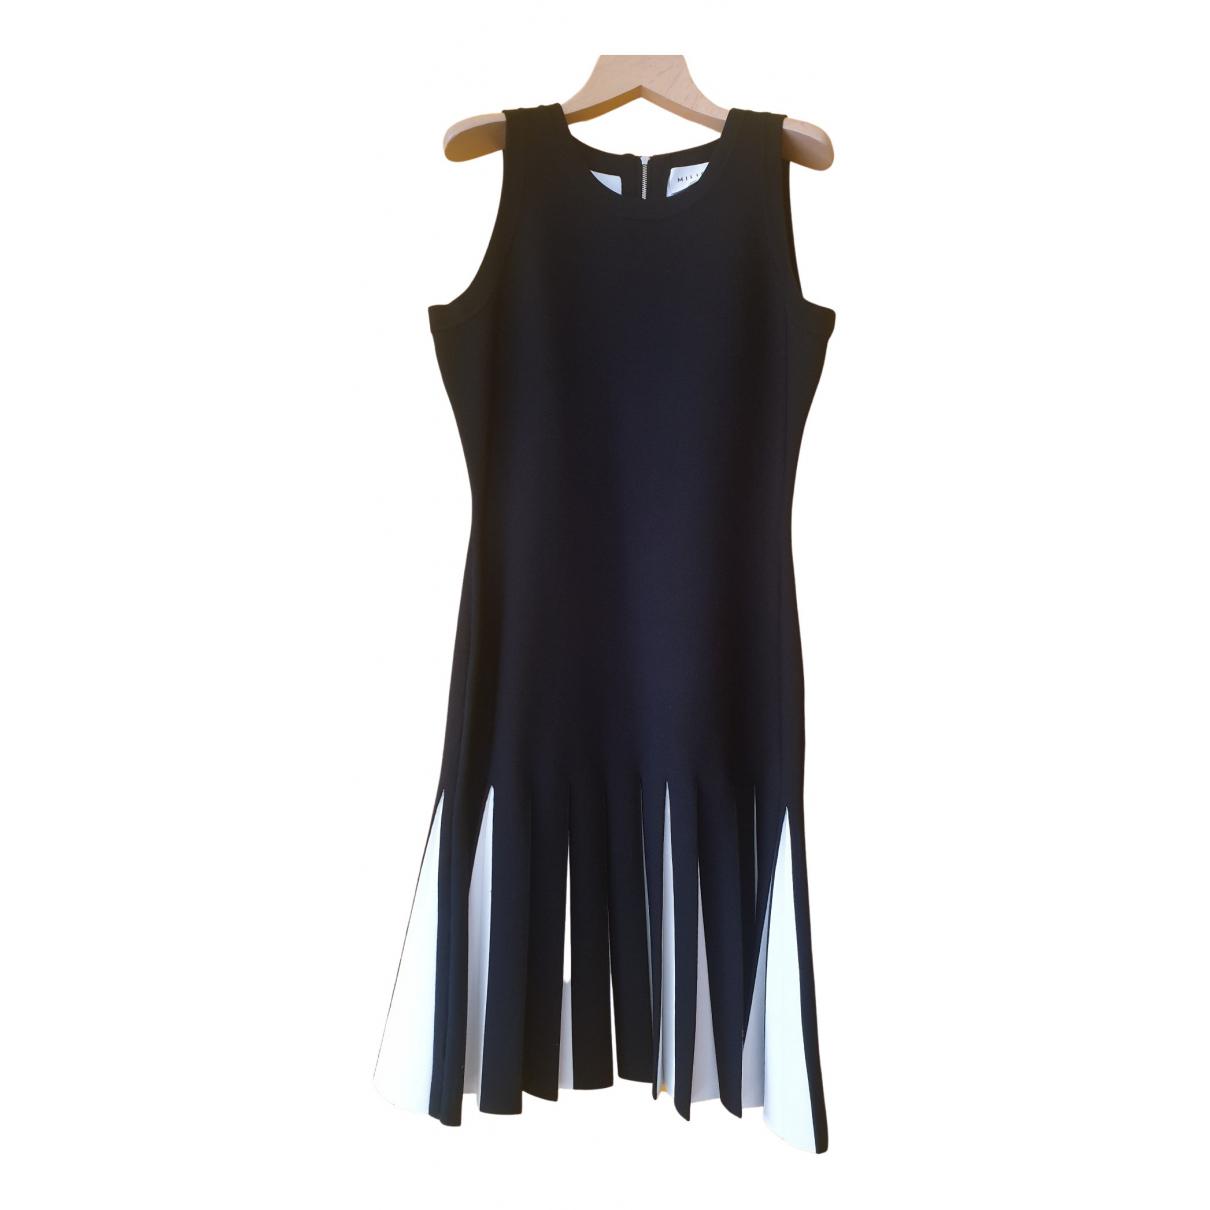 Milly \N Kleid in  Schwarz Viskose